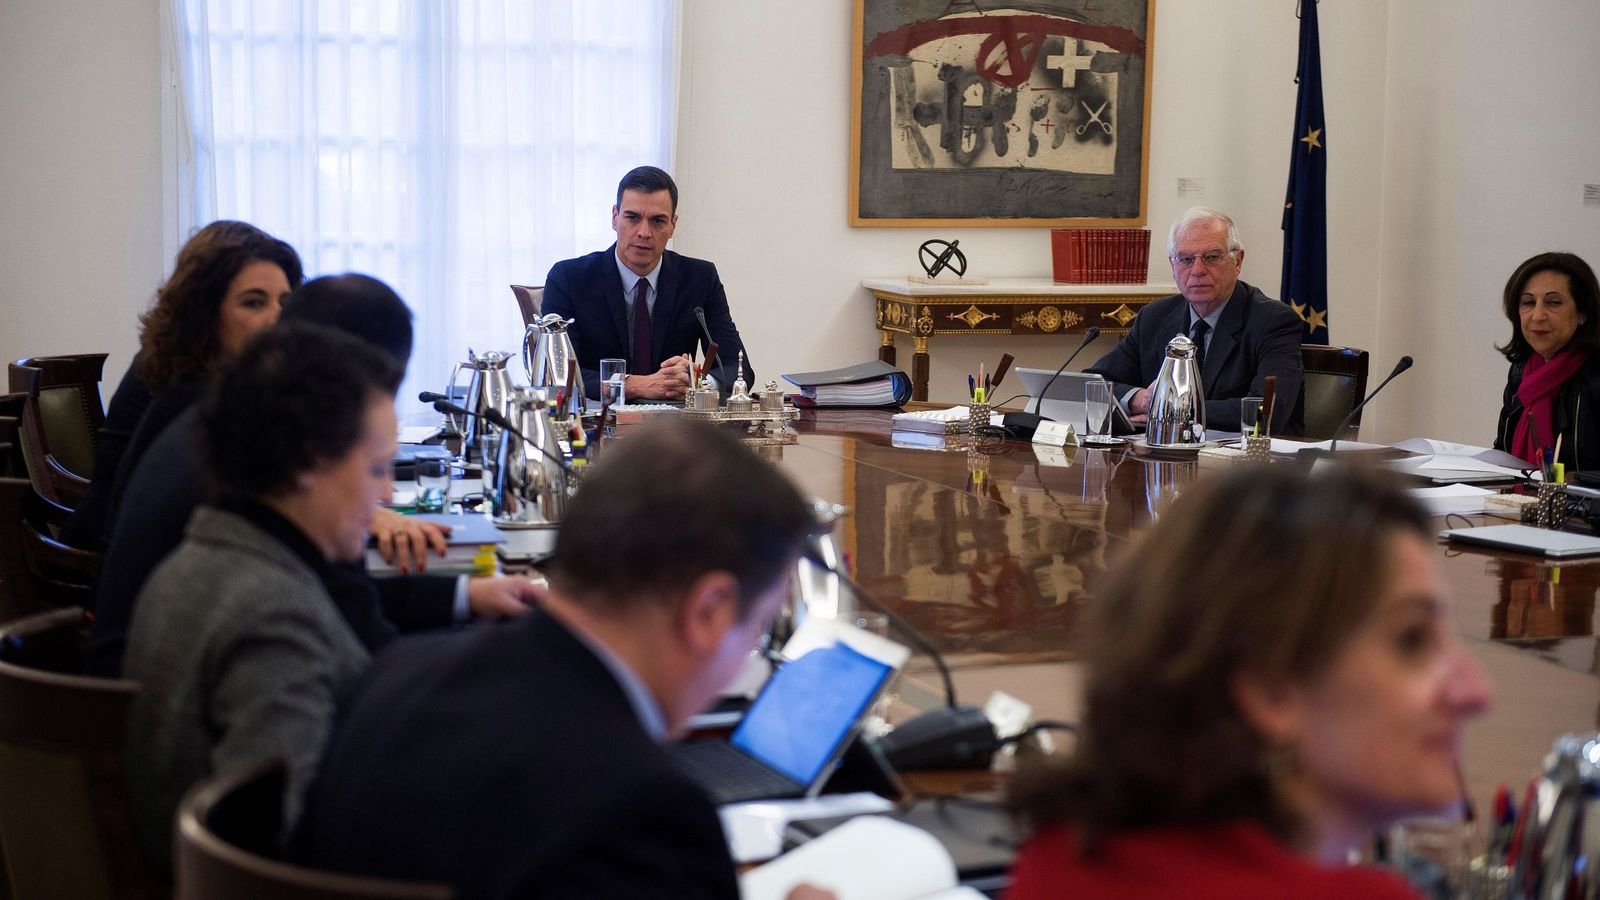 El último Gobierno monocolor da paso a un Congreso de pactos (algunos inconfesables)